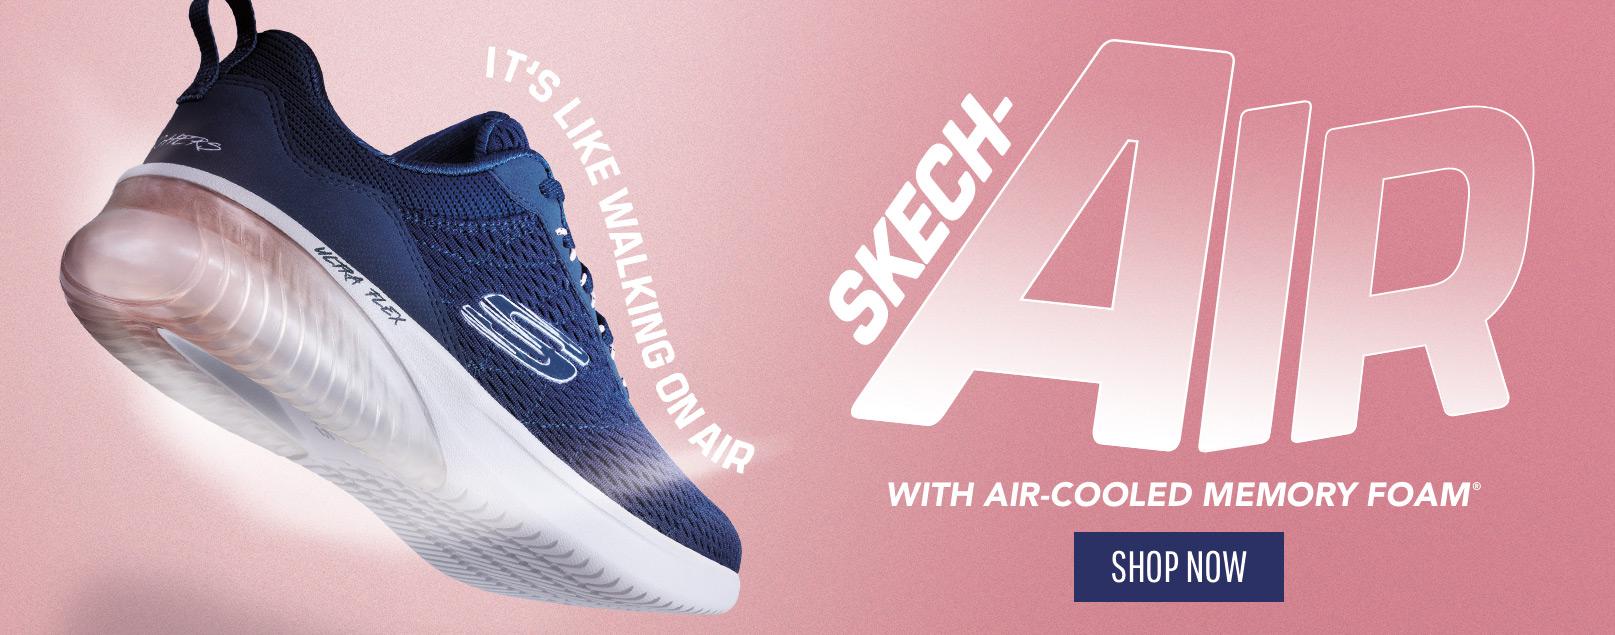 Women s SKECHERS Shoes 6a2763ed1f